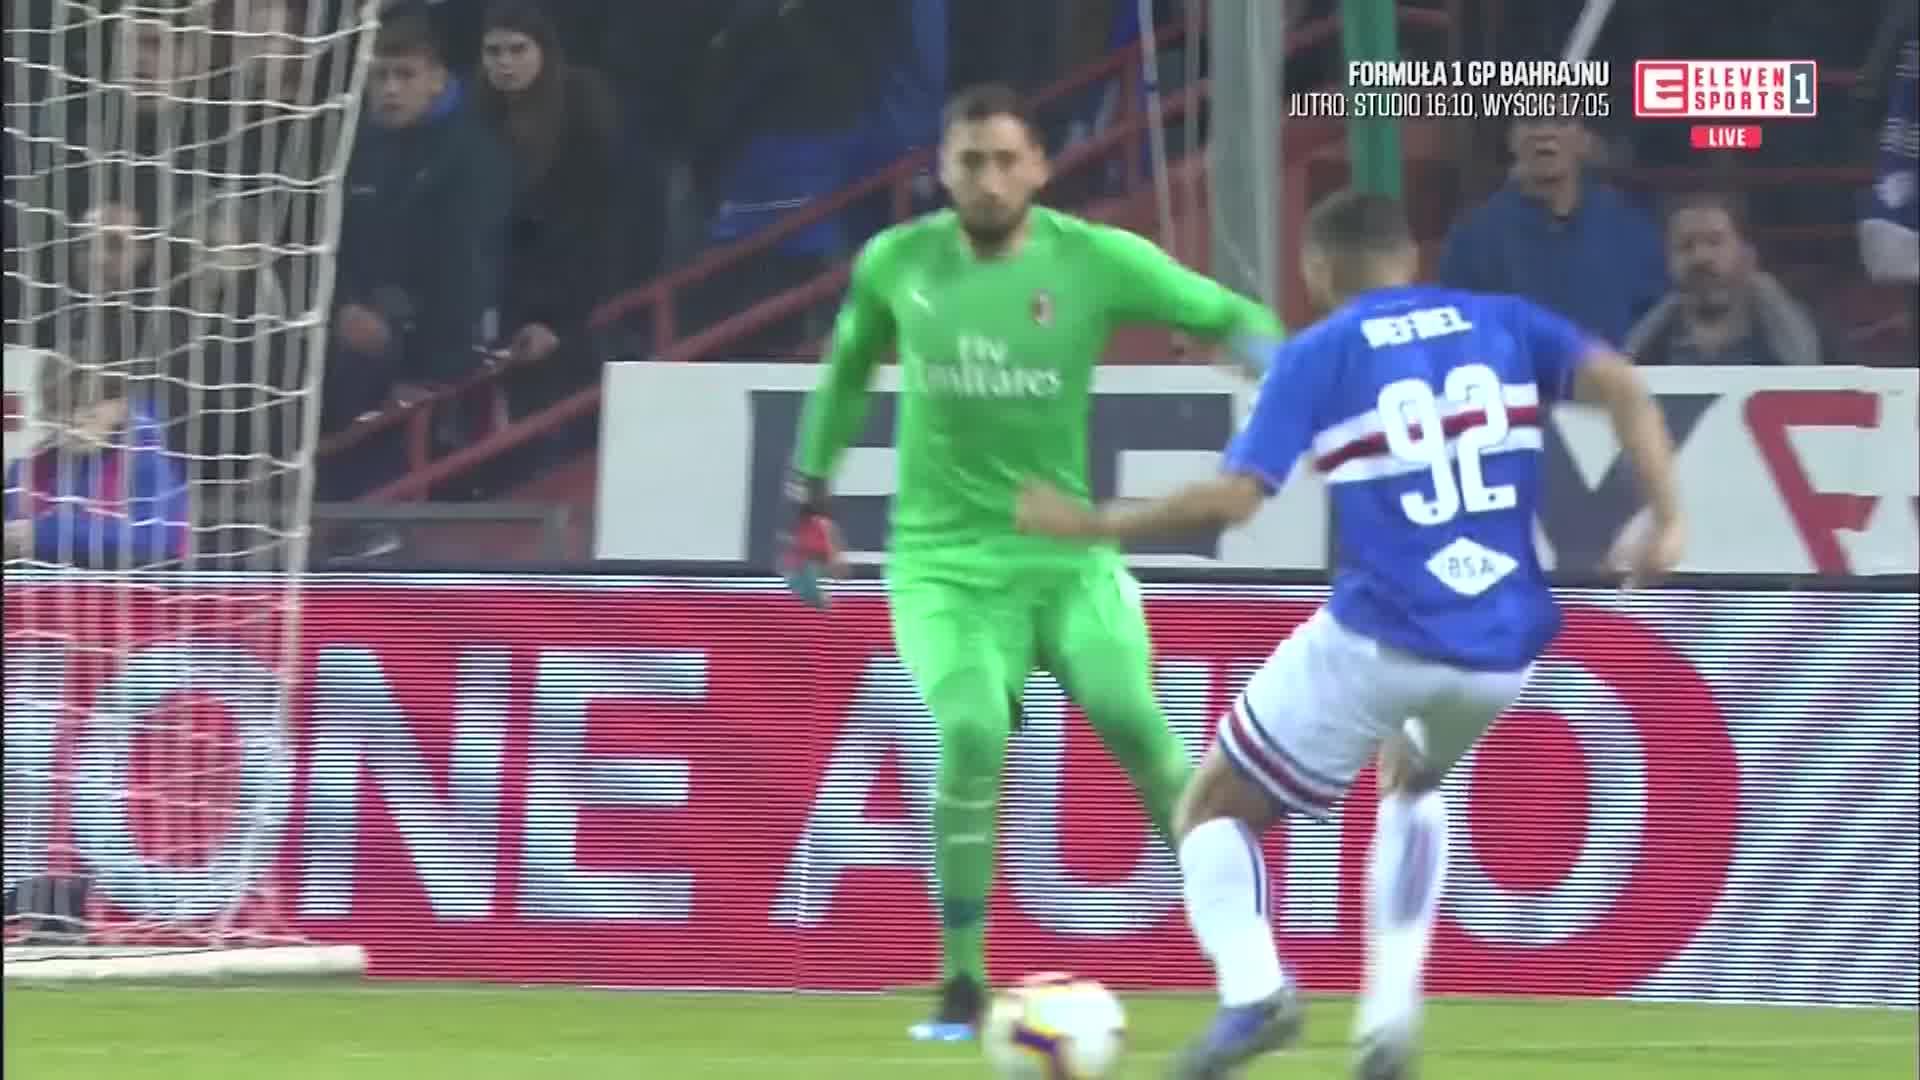 29e78f239 Sampdoria - AC Milan: gol Defrela, koszmarny błąd Donnarummy - Piłka nożna